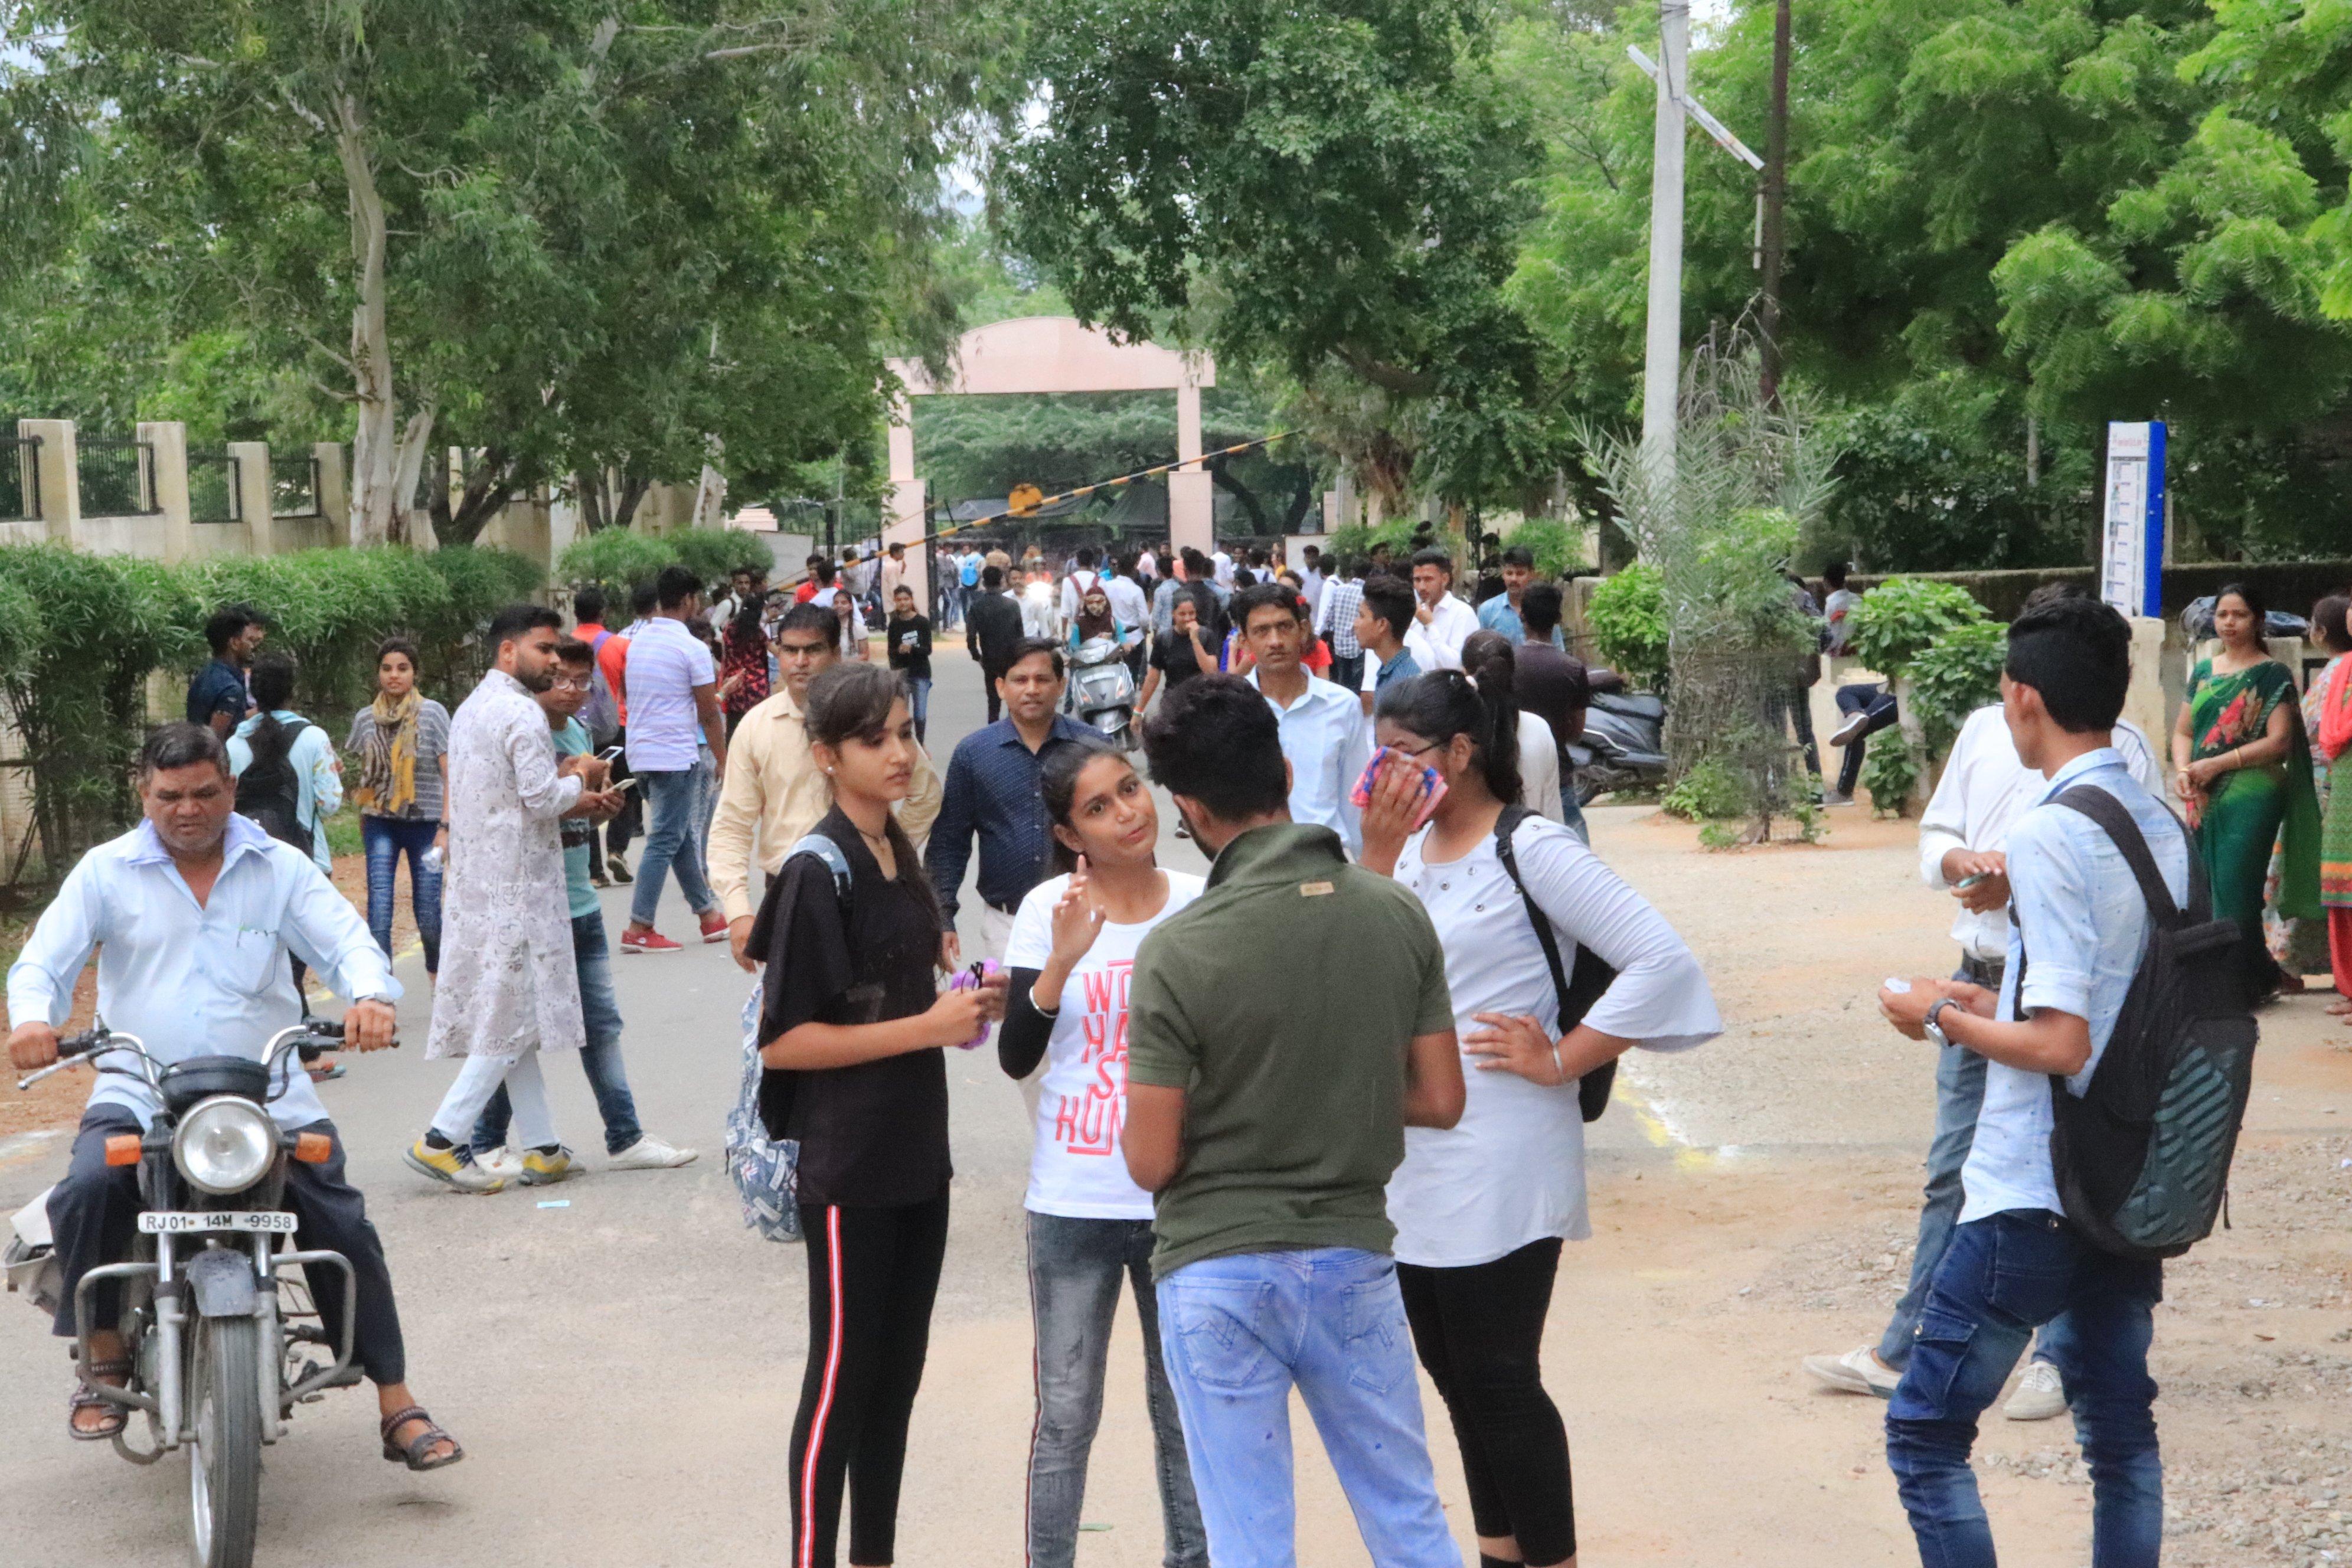 Student election: नहीं पसंद आ रही पुलिस और कॉलेज की सख्ती